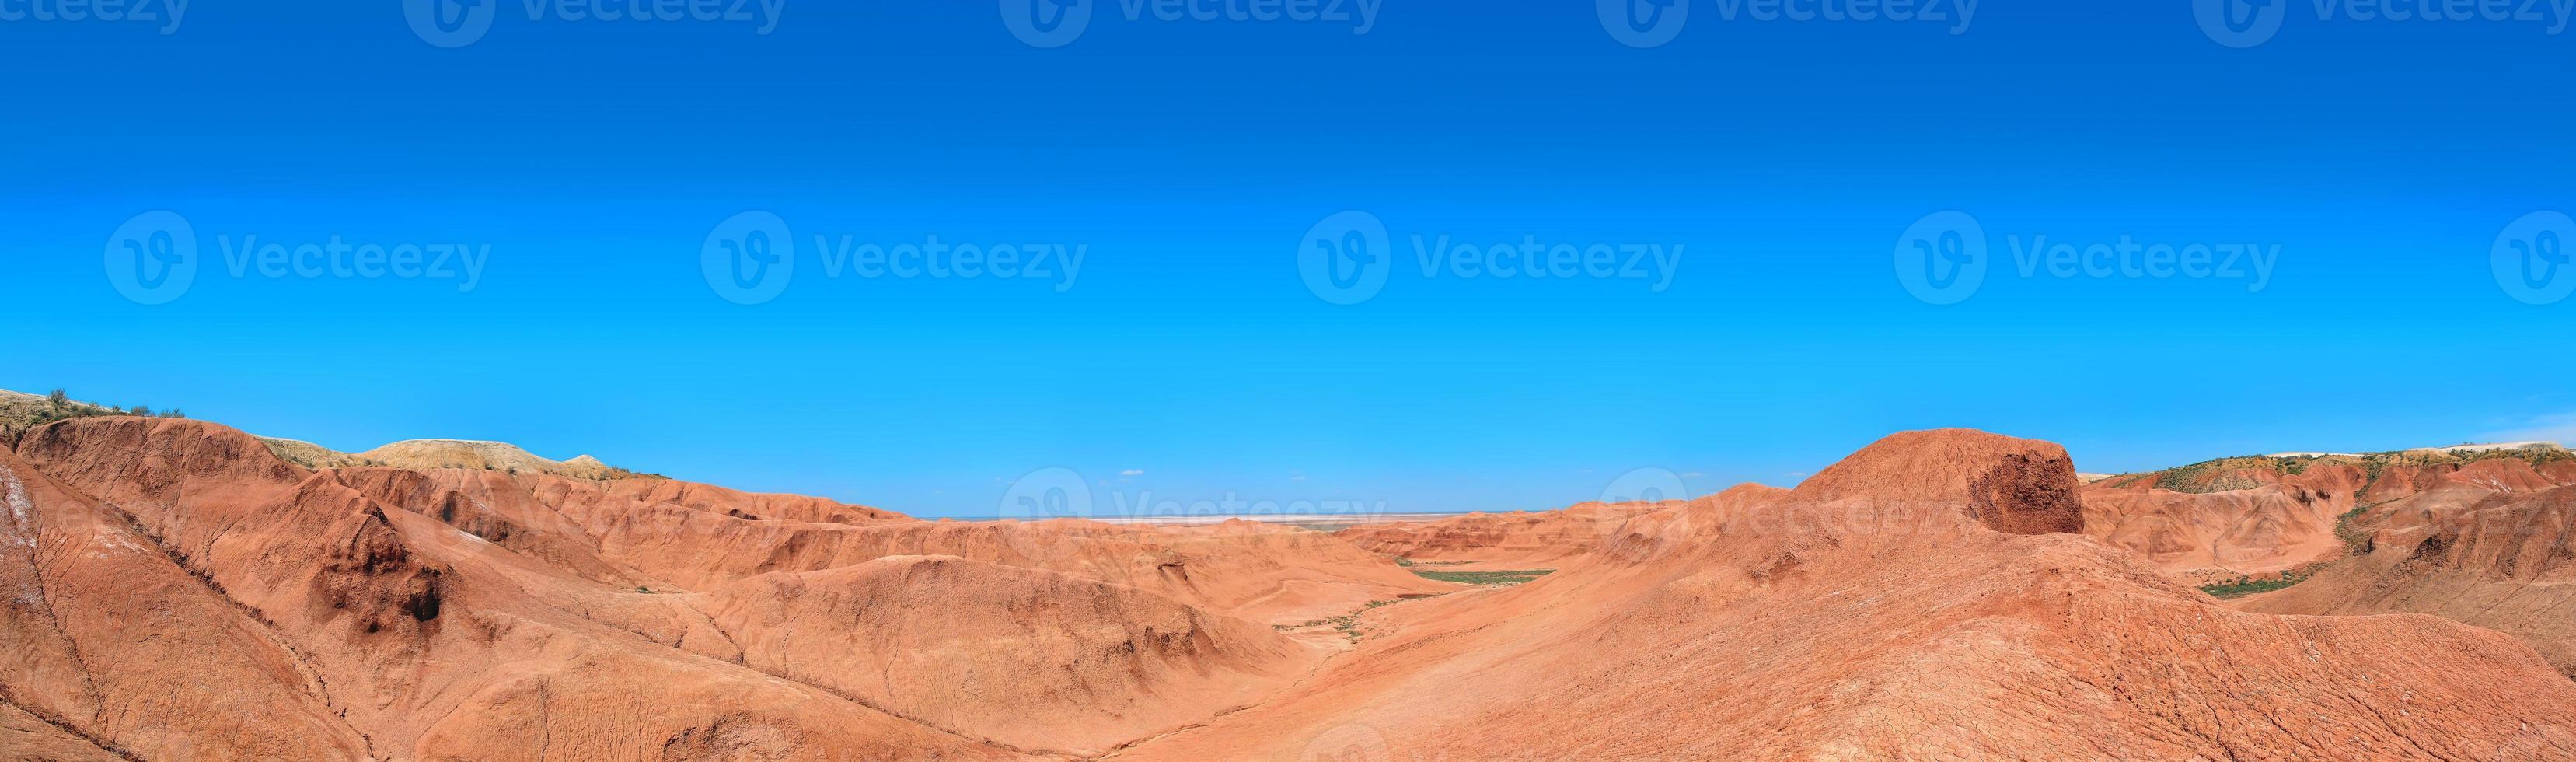 désert argileux photo